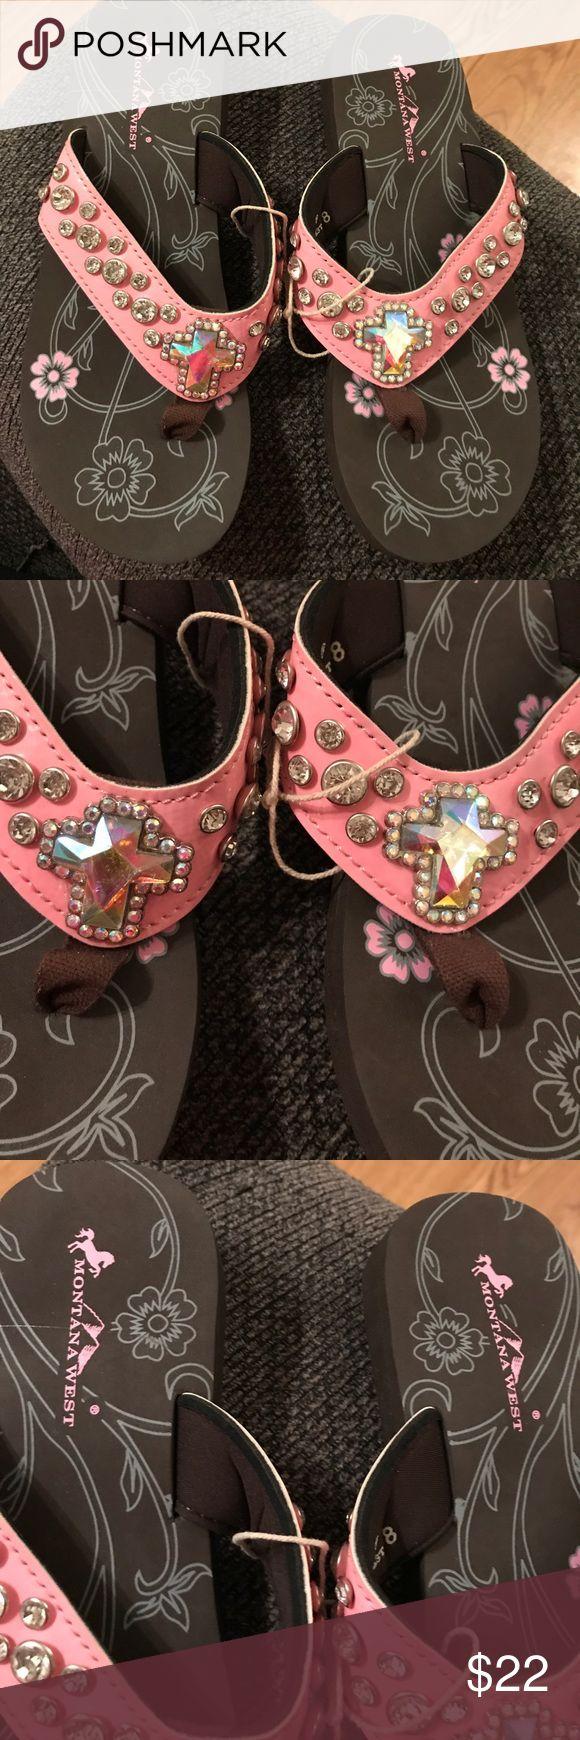 Montana west cross bling flip flops sz 8 Pink brand new sz 8.  Never worn. Montana West Shoes Sandals